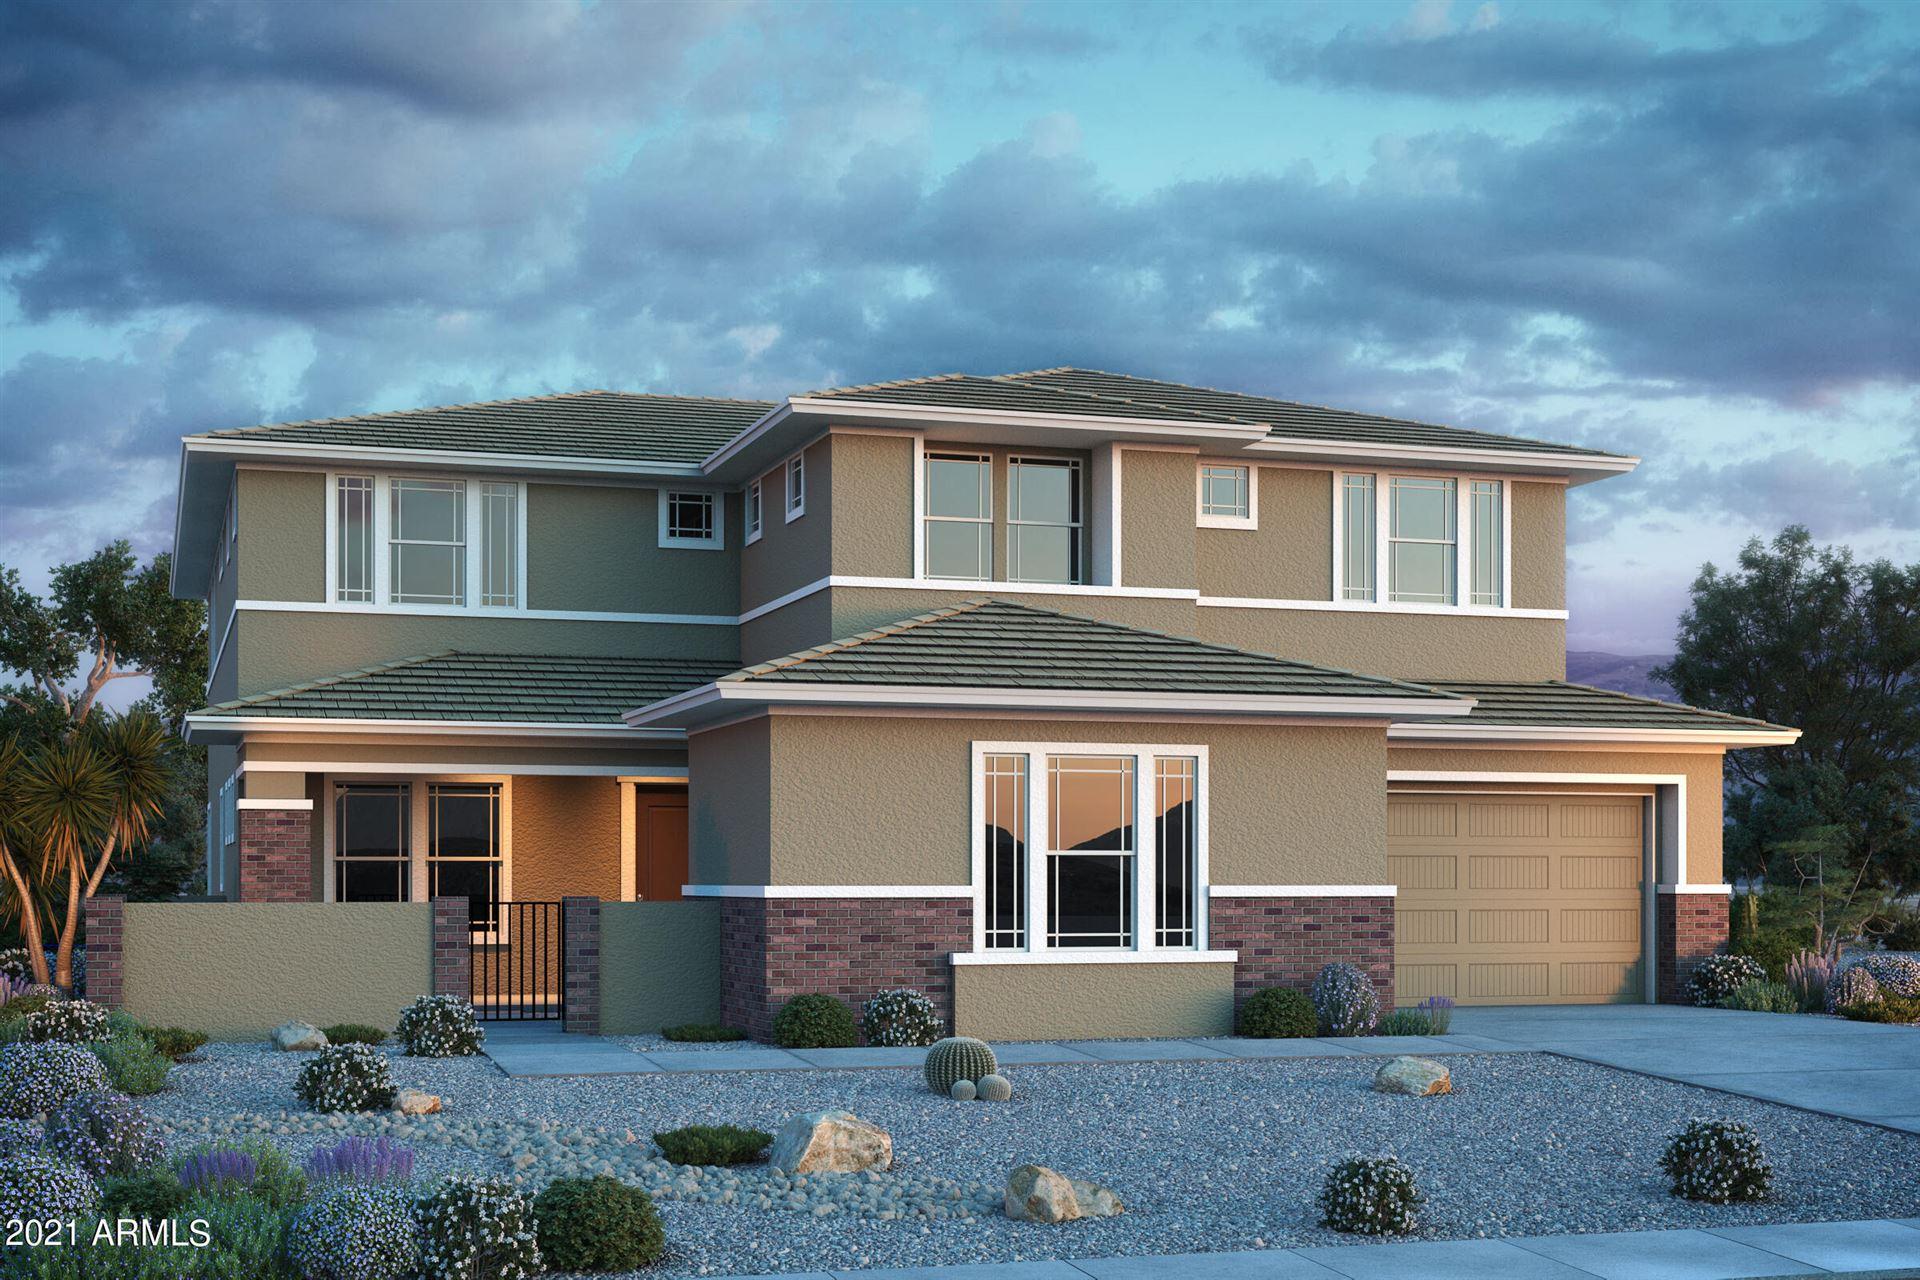 18999 E APRICOT Lane, Queen Creek, AZ 85142 - MLS#: 6258690